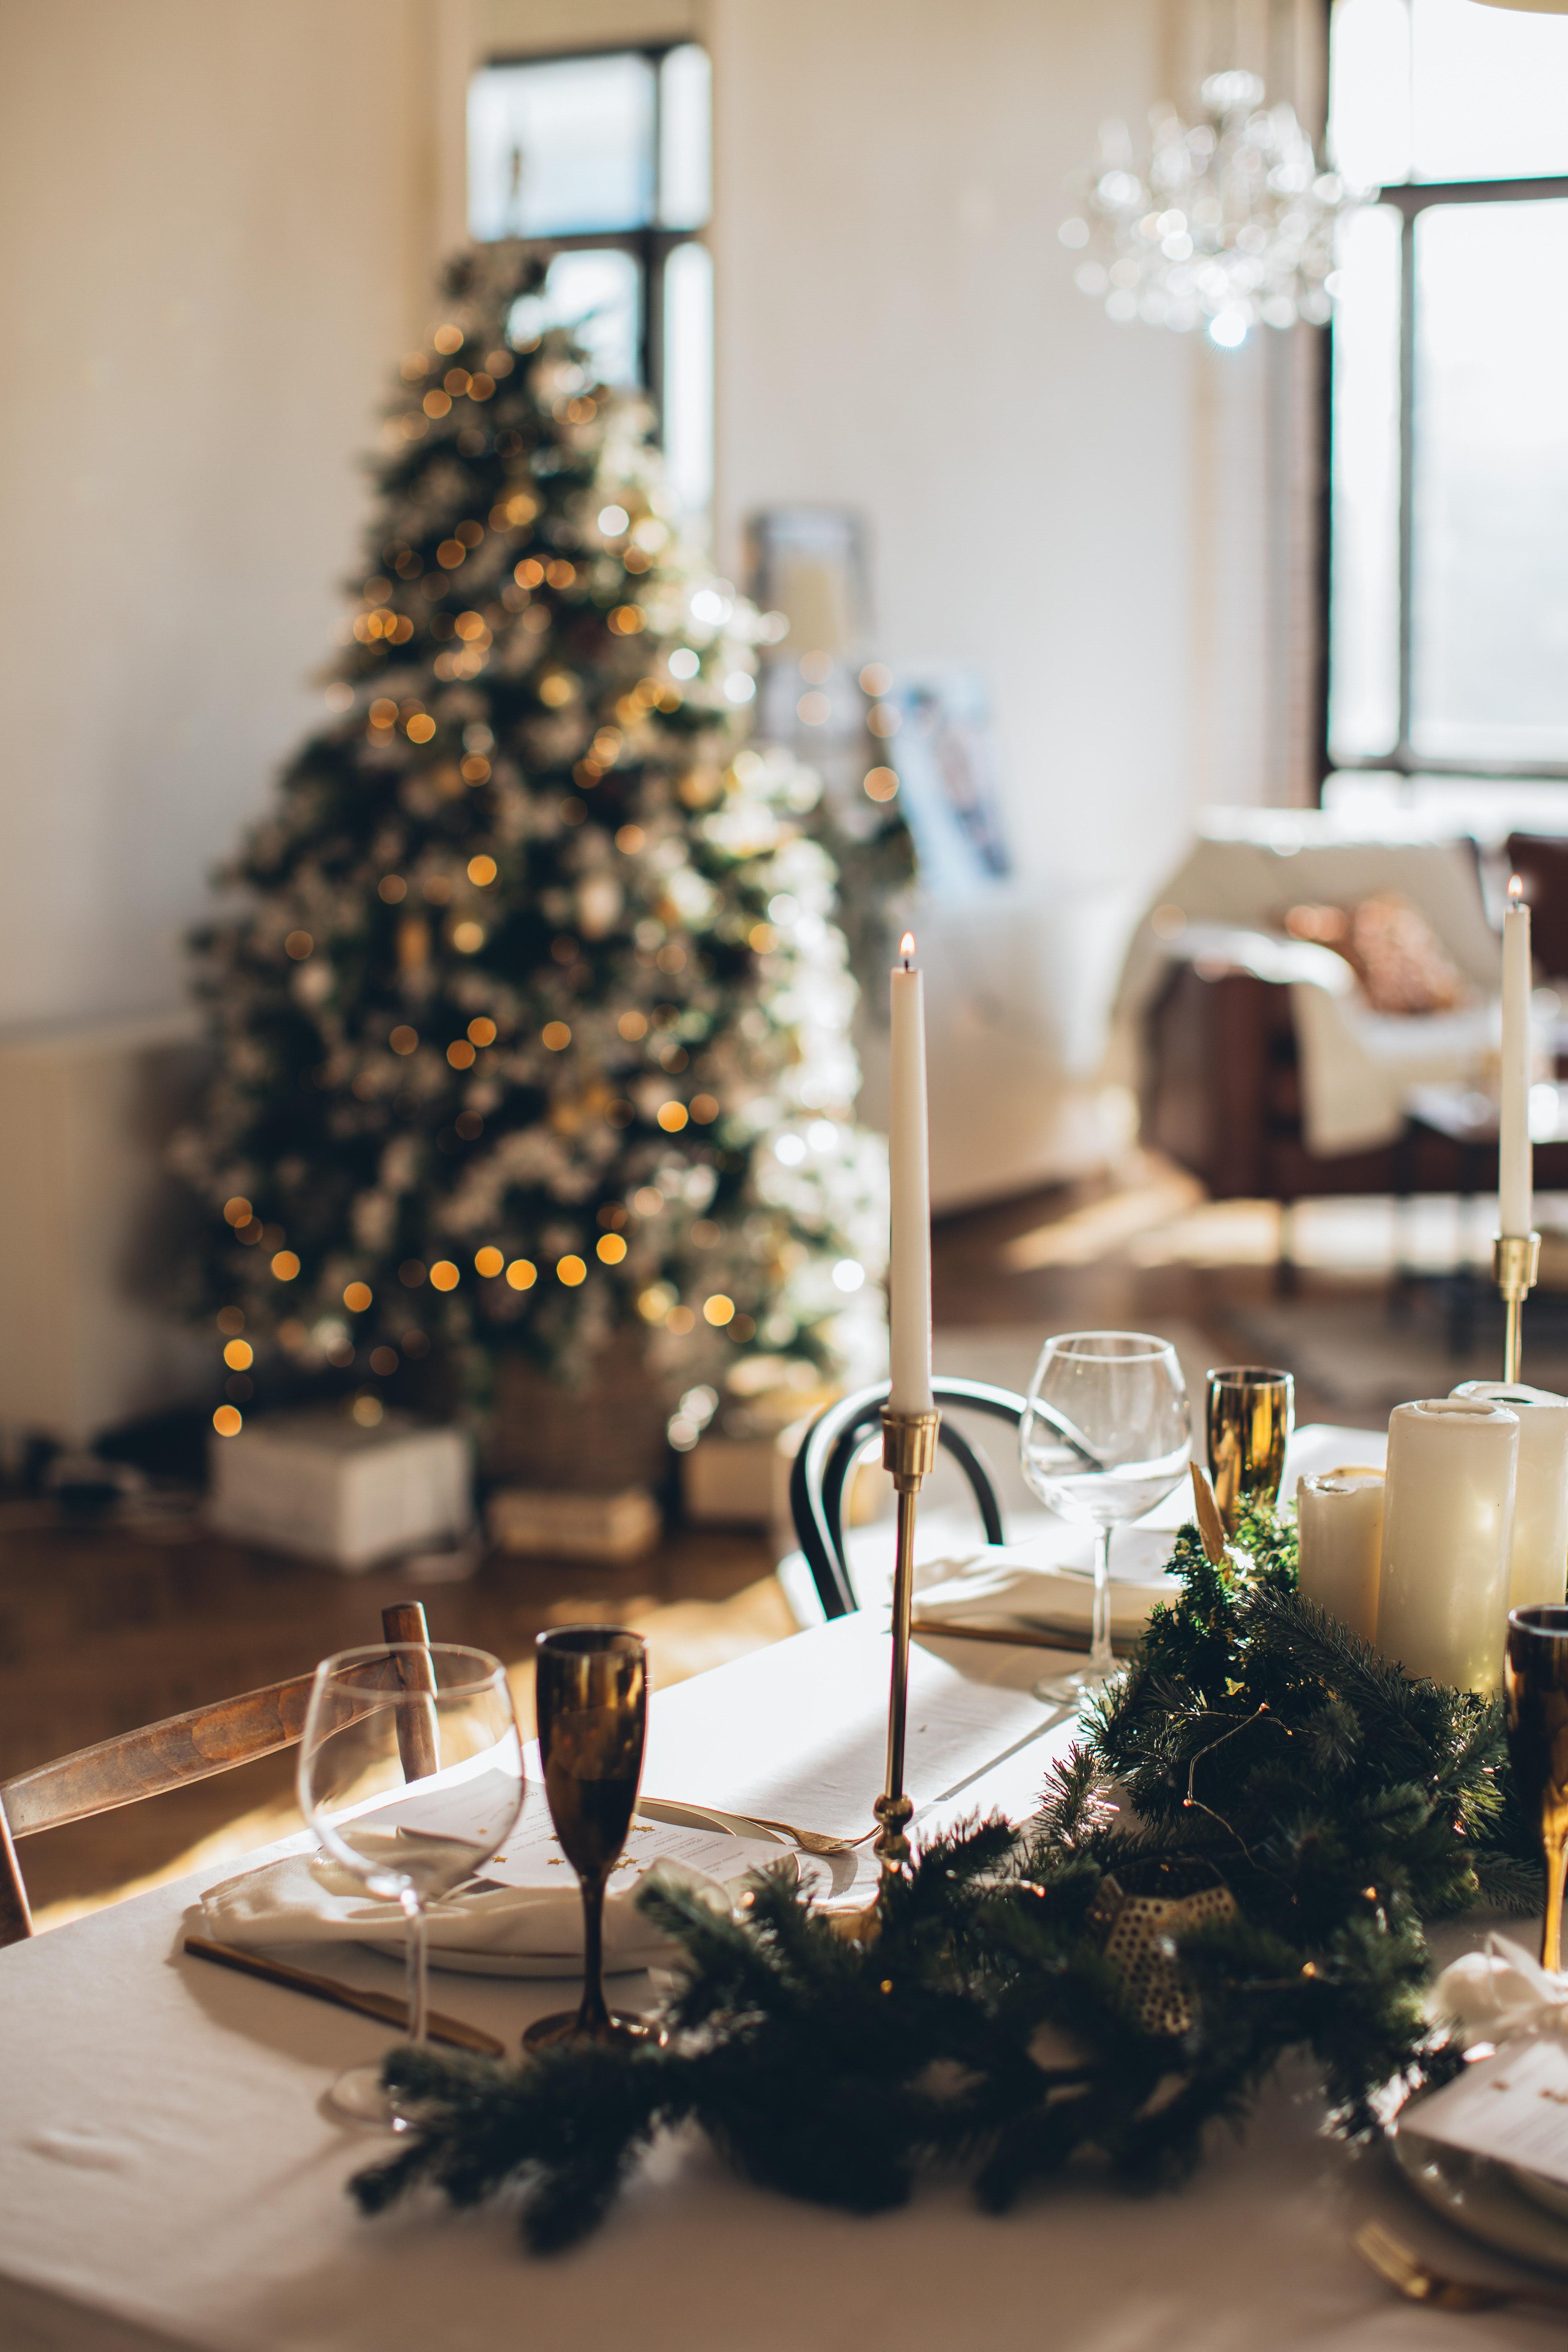 Inspiratie sfeervol tafelen tijdens kerst. Met mooie items waarbij de tafelzetting geheel in feest stemming is.